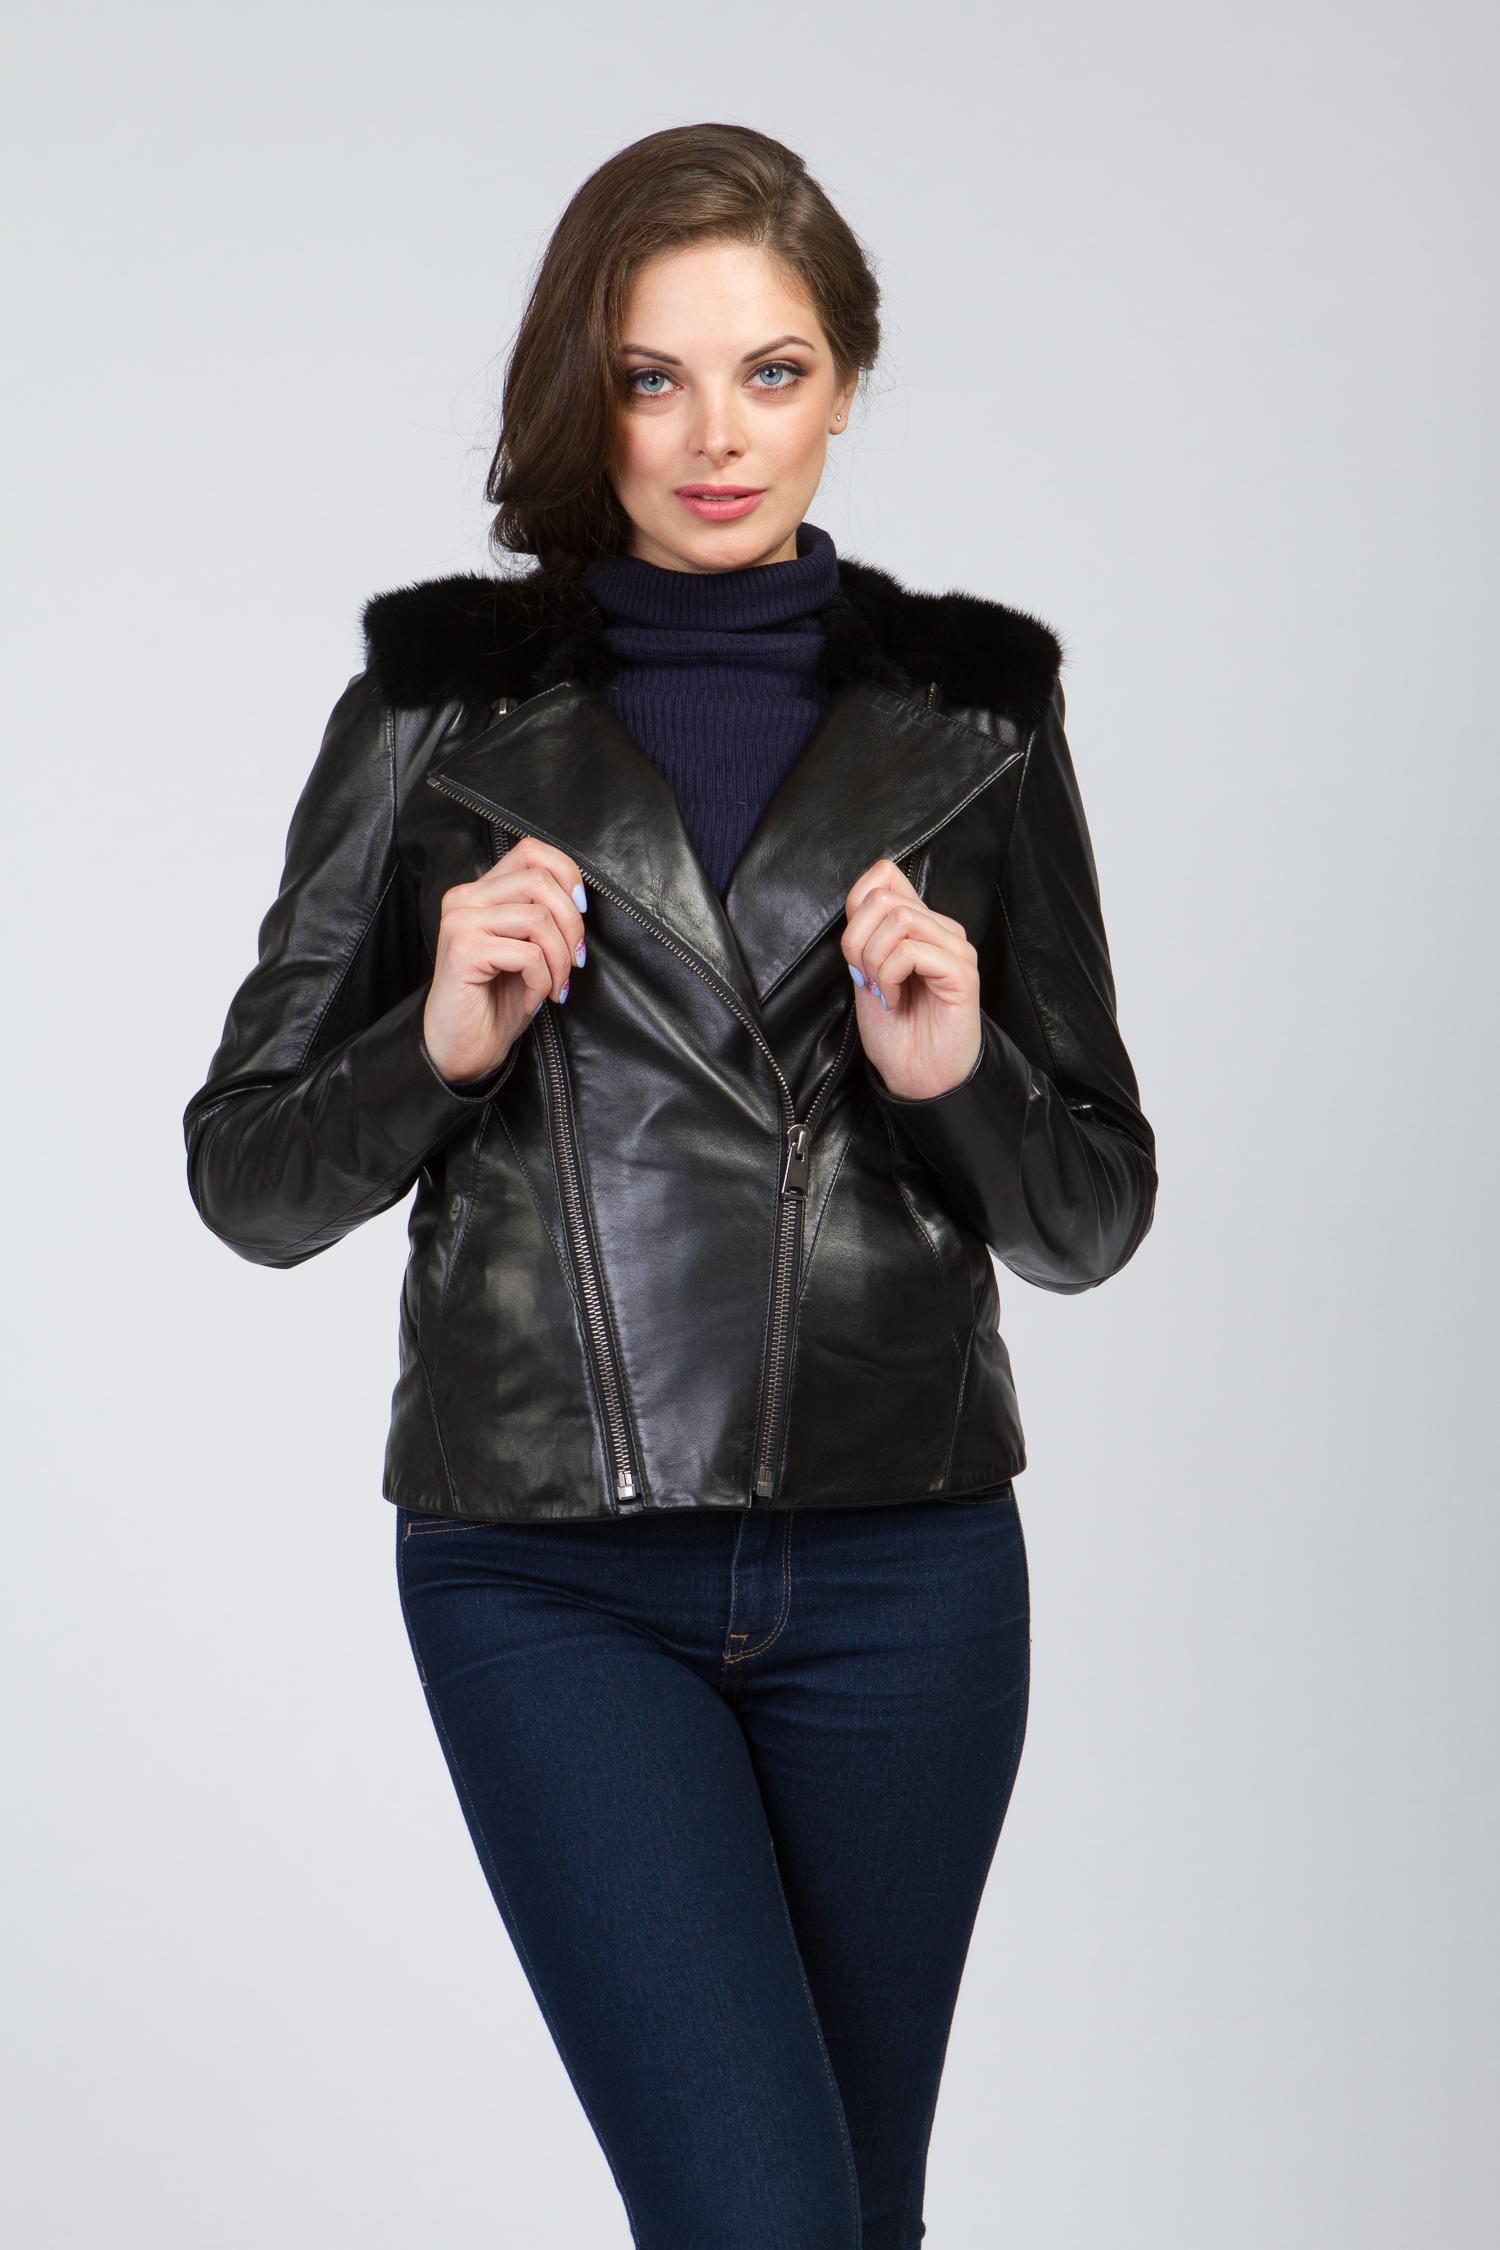 Женская кожаная куртка из натуральной кожи без воротника, отделка норка